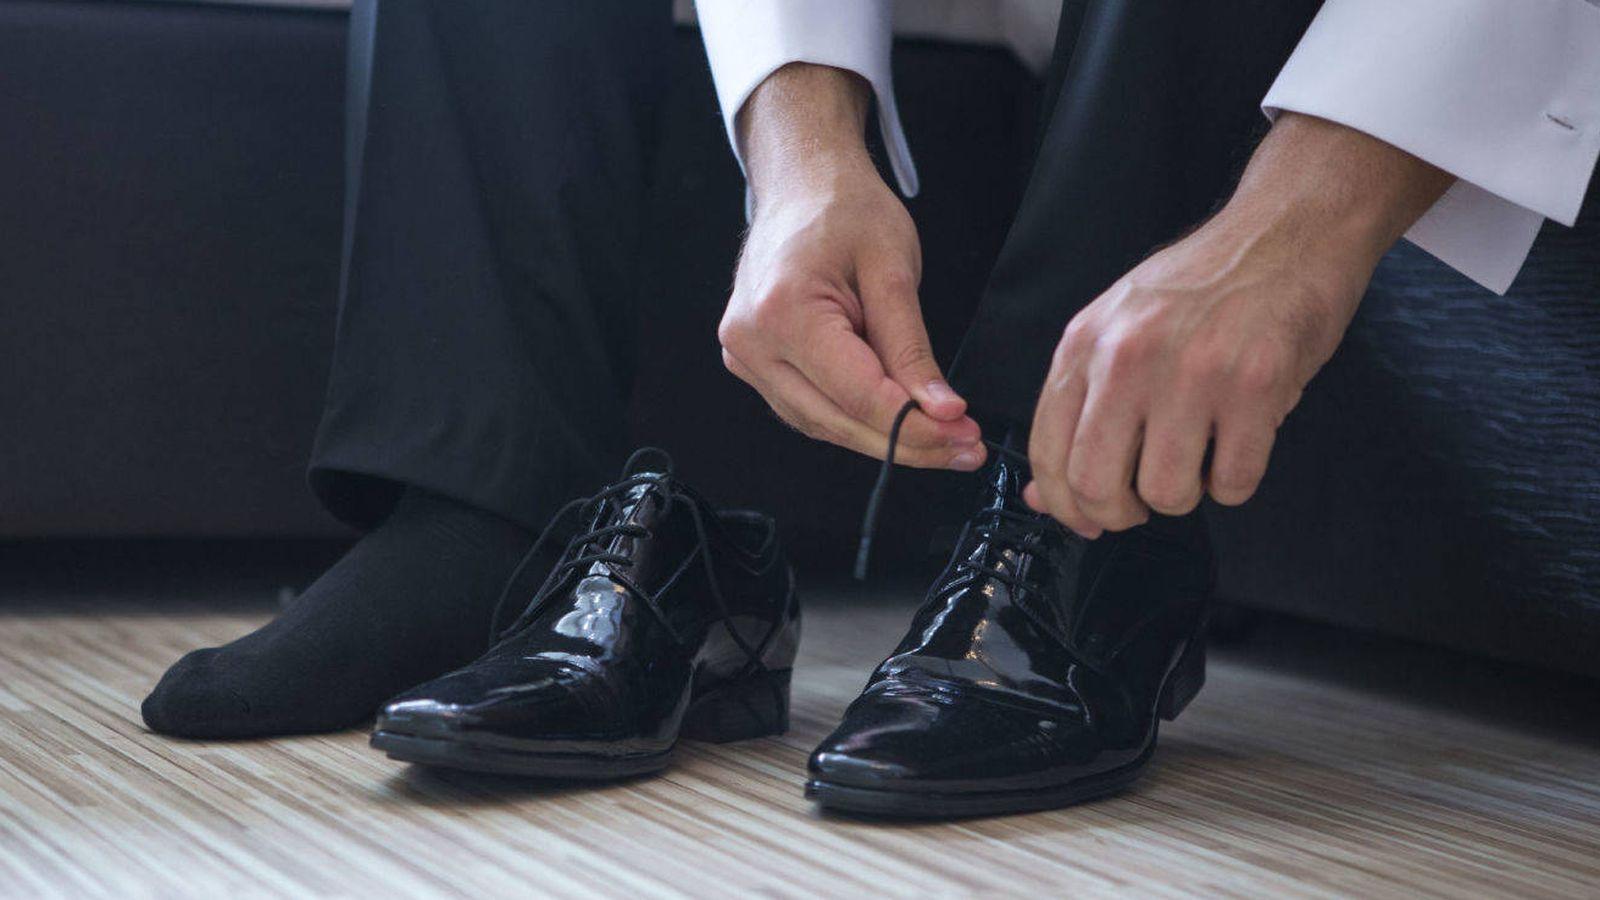 Únicos Se Cualquier Hombre Moda Los Que Hombre Precie Zapatos qxZEv